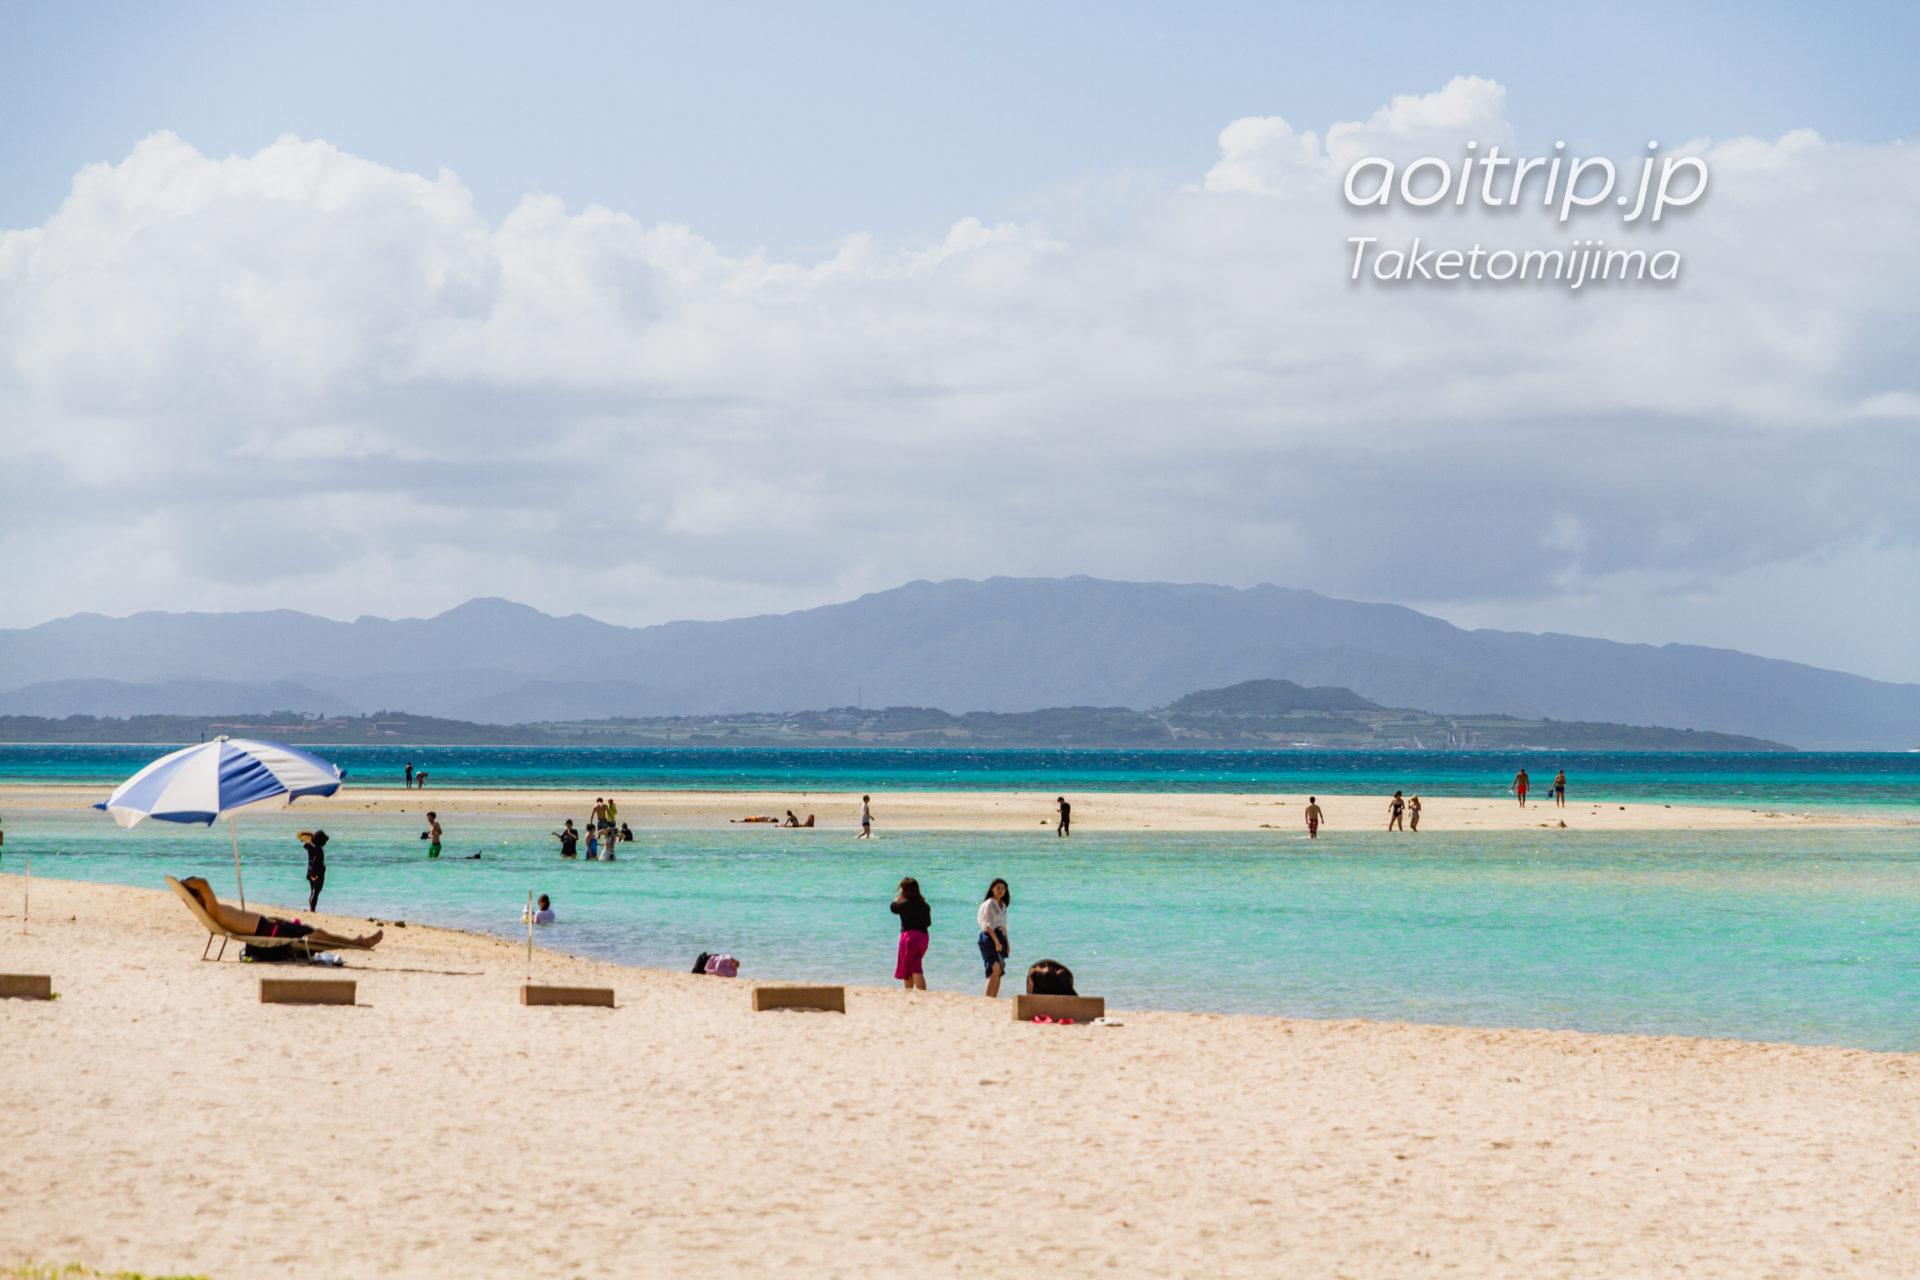 竹富島のコンドイビーチから望む小浜島と西表島